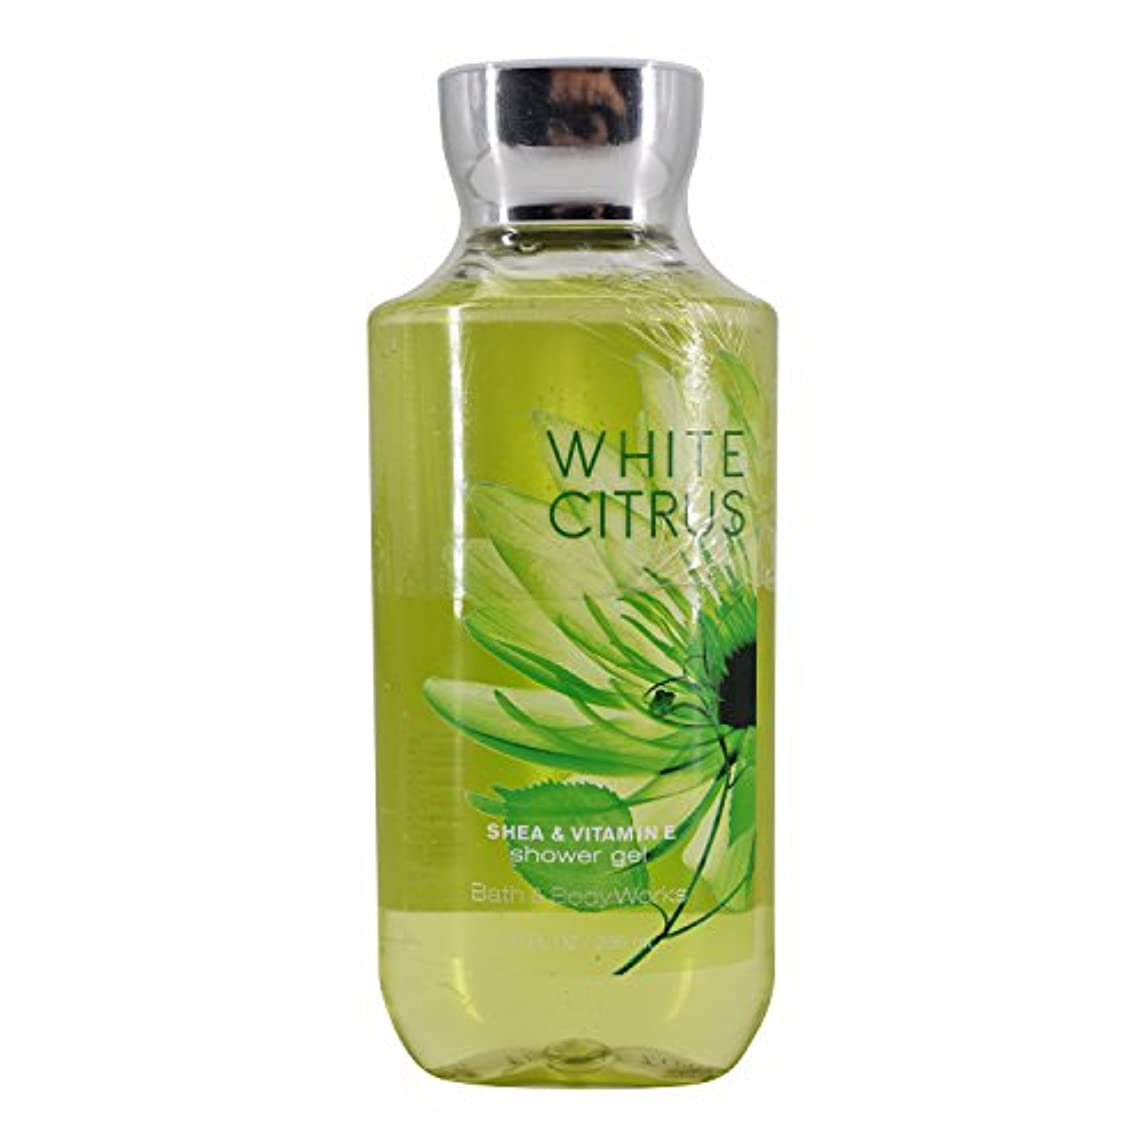 農学光の突っ込むバス&ボディワークス ホワイトシトラス シャワージェル White Citrus Shea & Vitamin-E Shower Gel